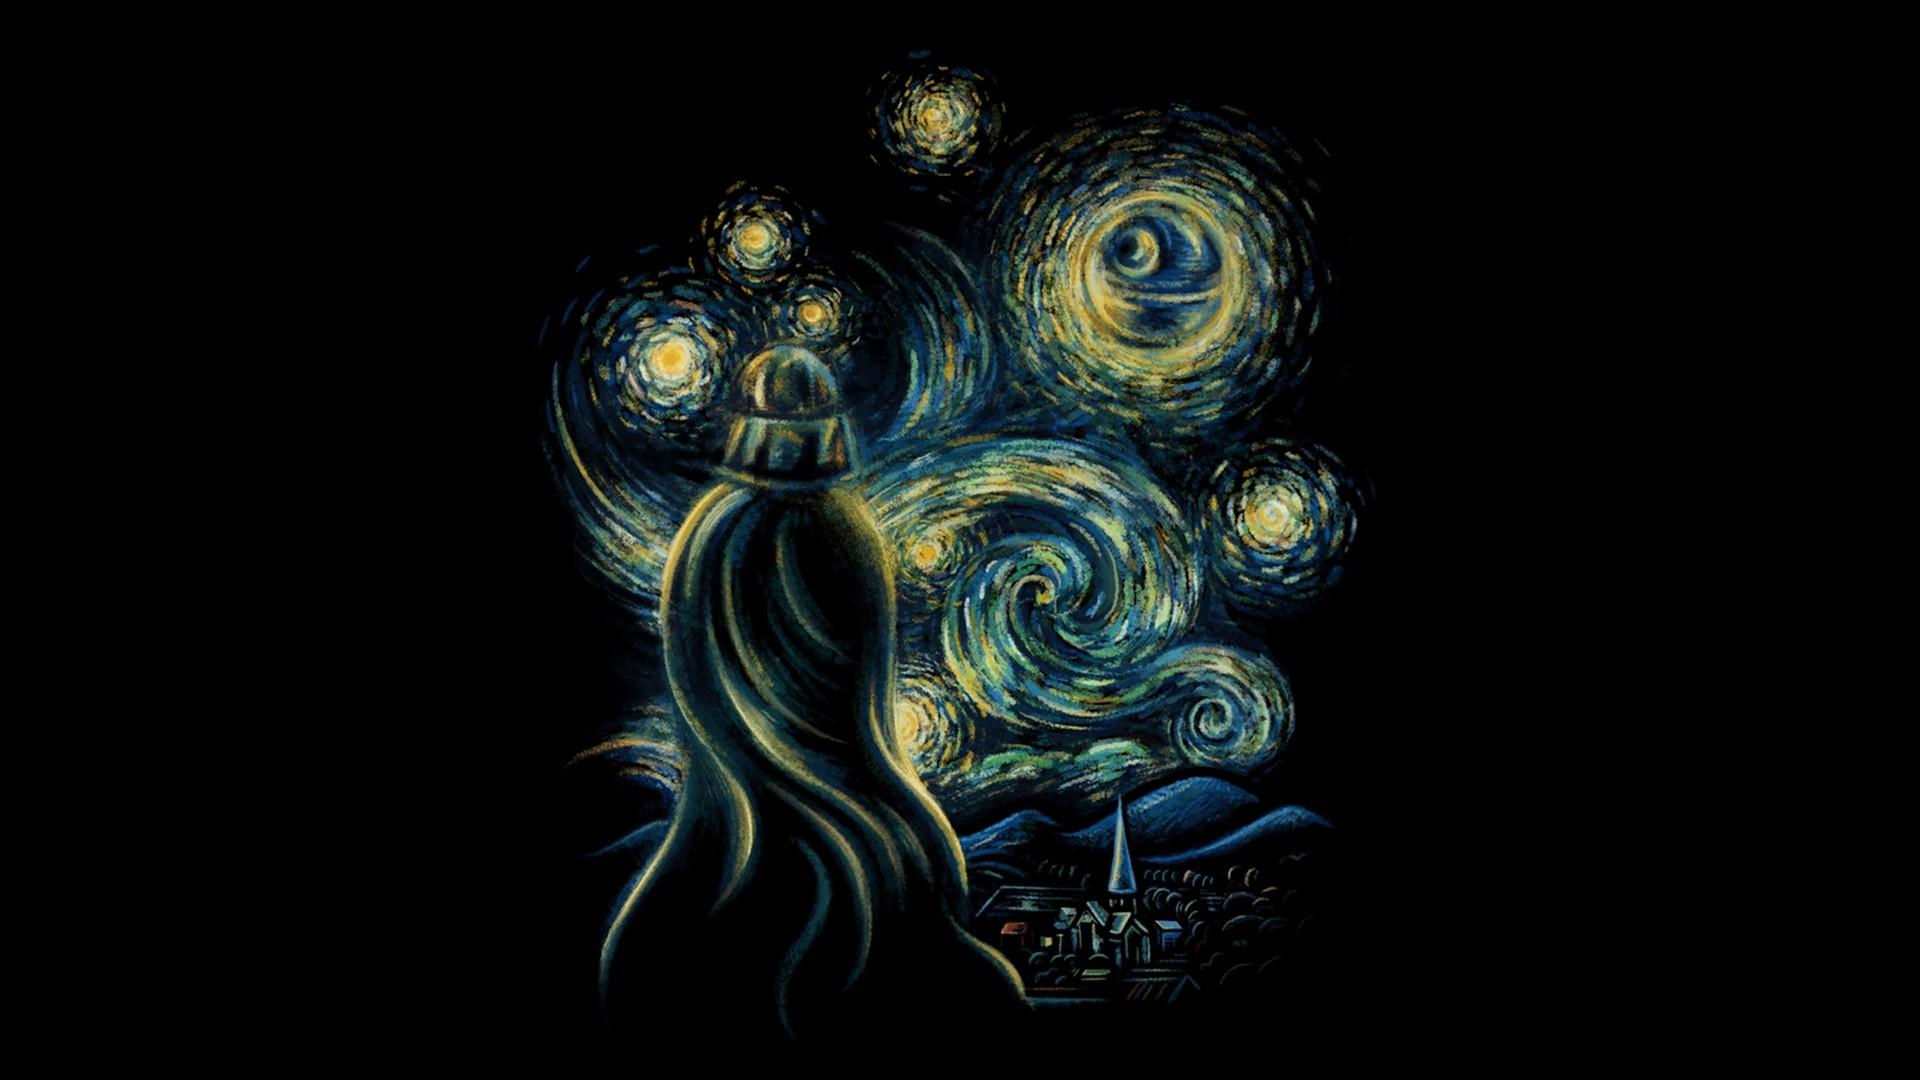 Fond Décran Illustration Guerres Des étoiles Fond Noir